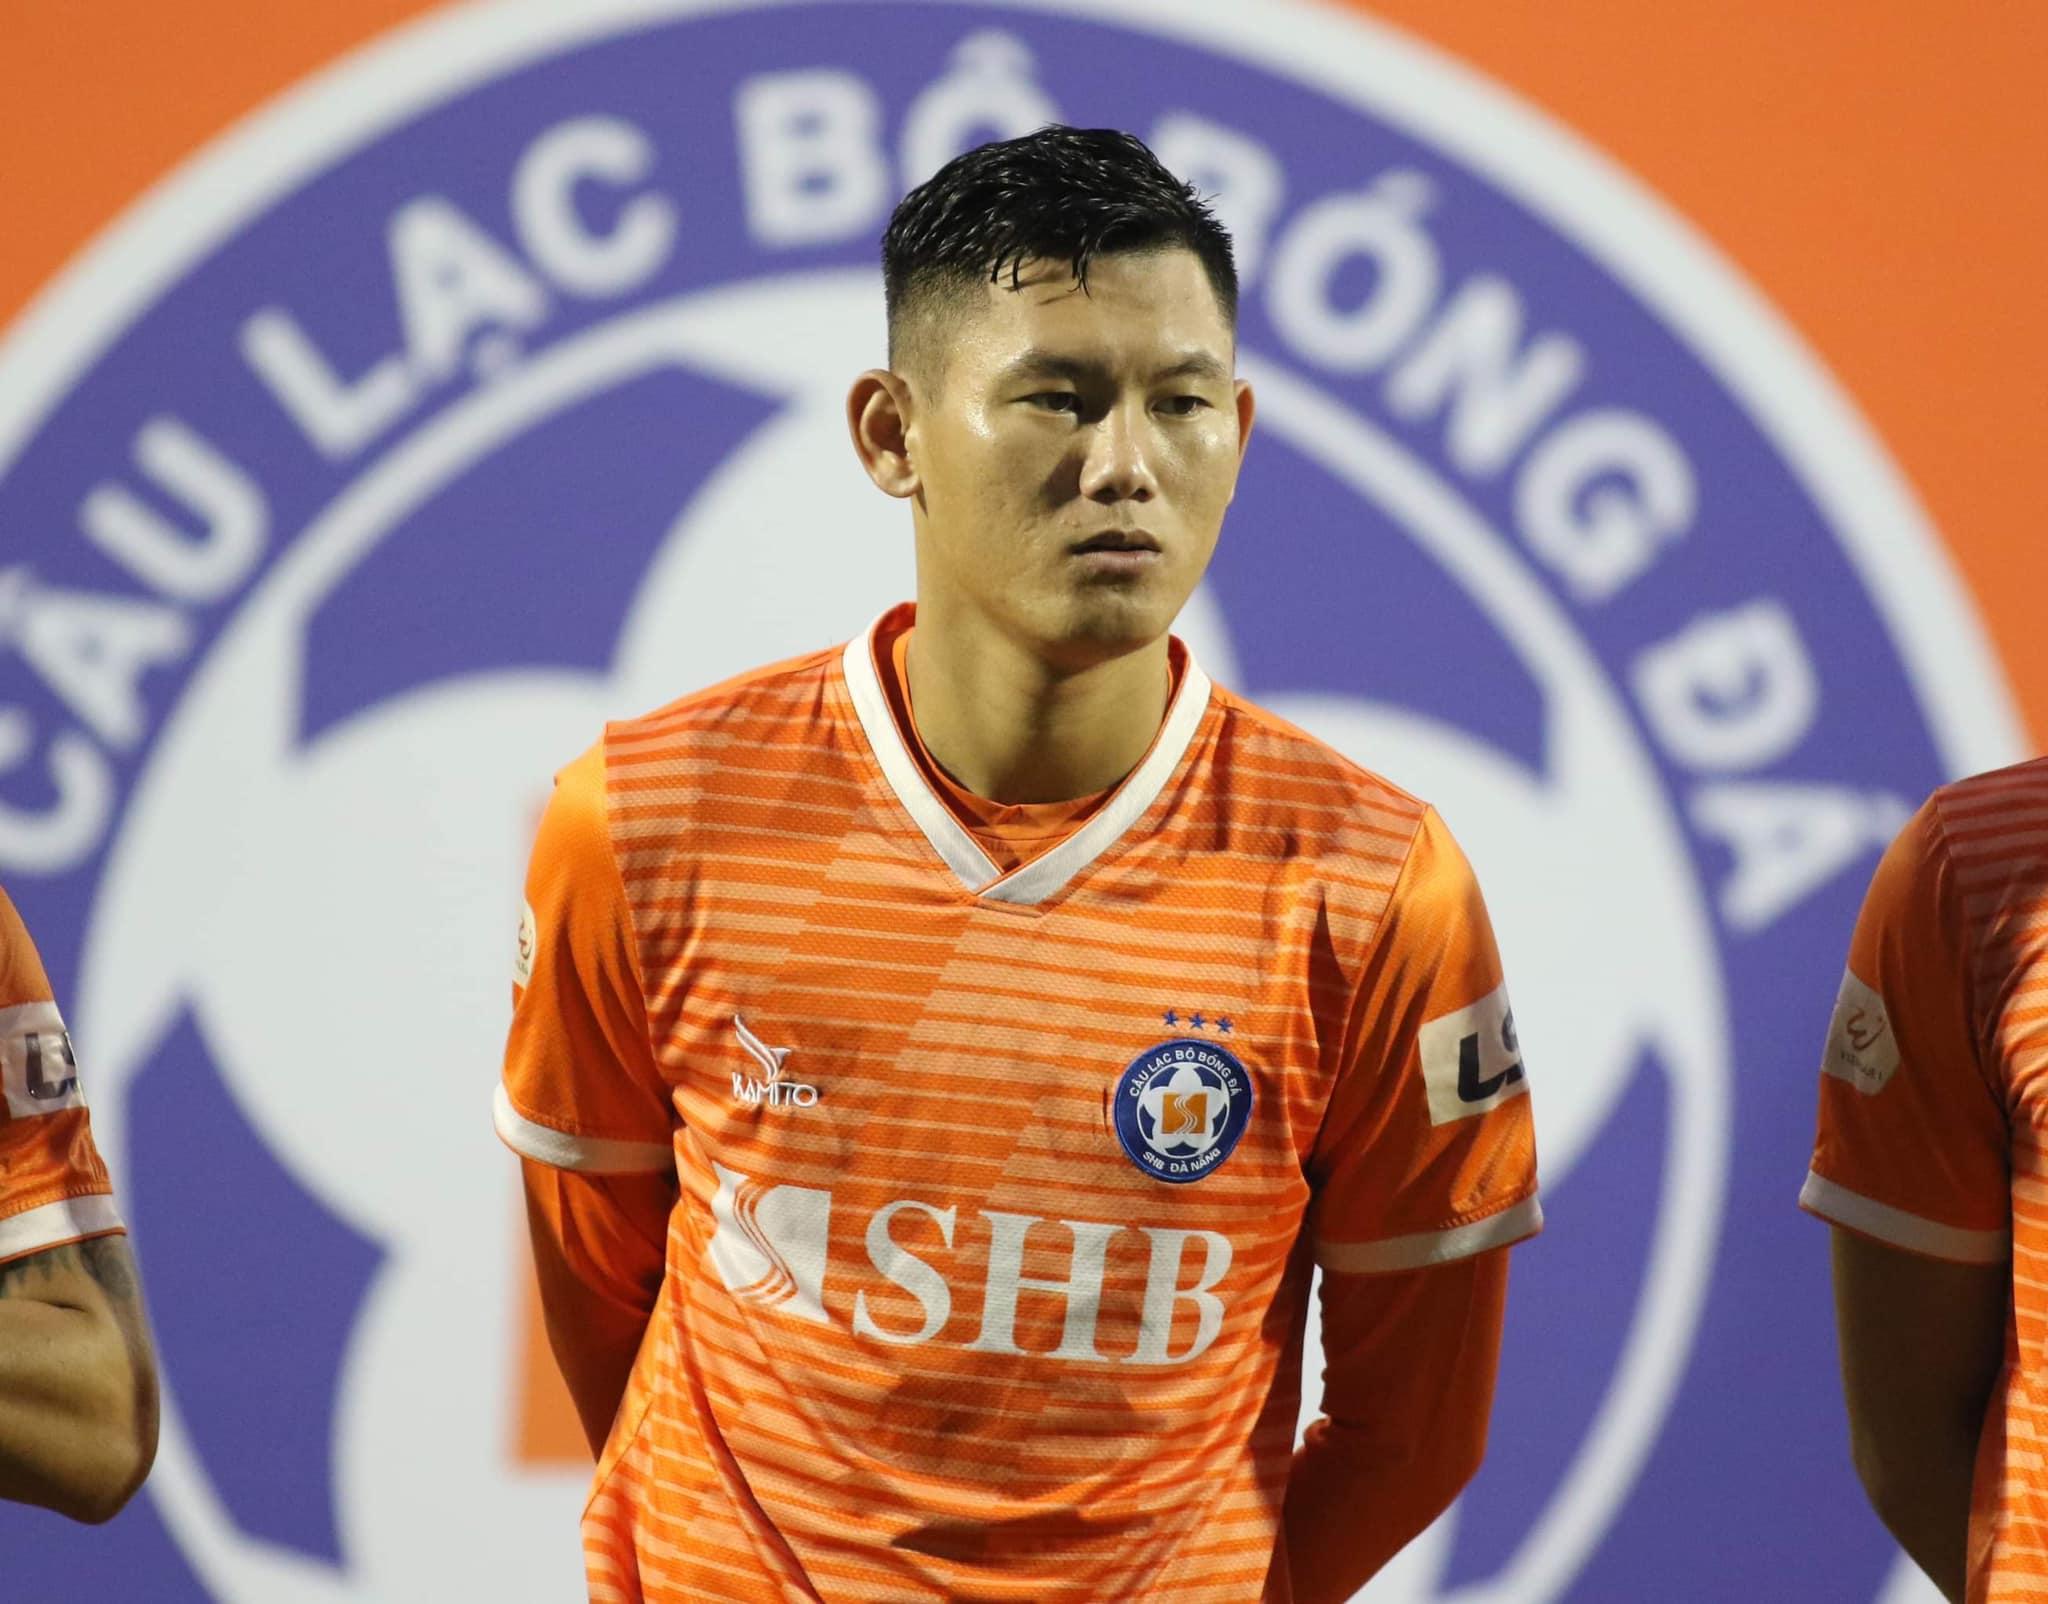 Điểm danh những gương mặt mới nổi của đội tuyển Việt Nam dưới thời HLV Park Hang-seo - ảnh 13